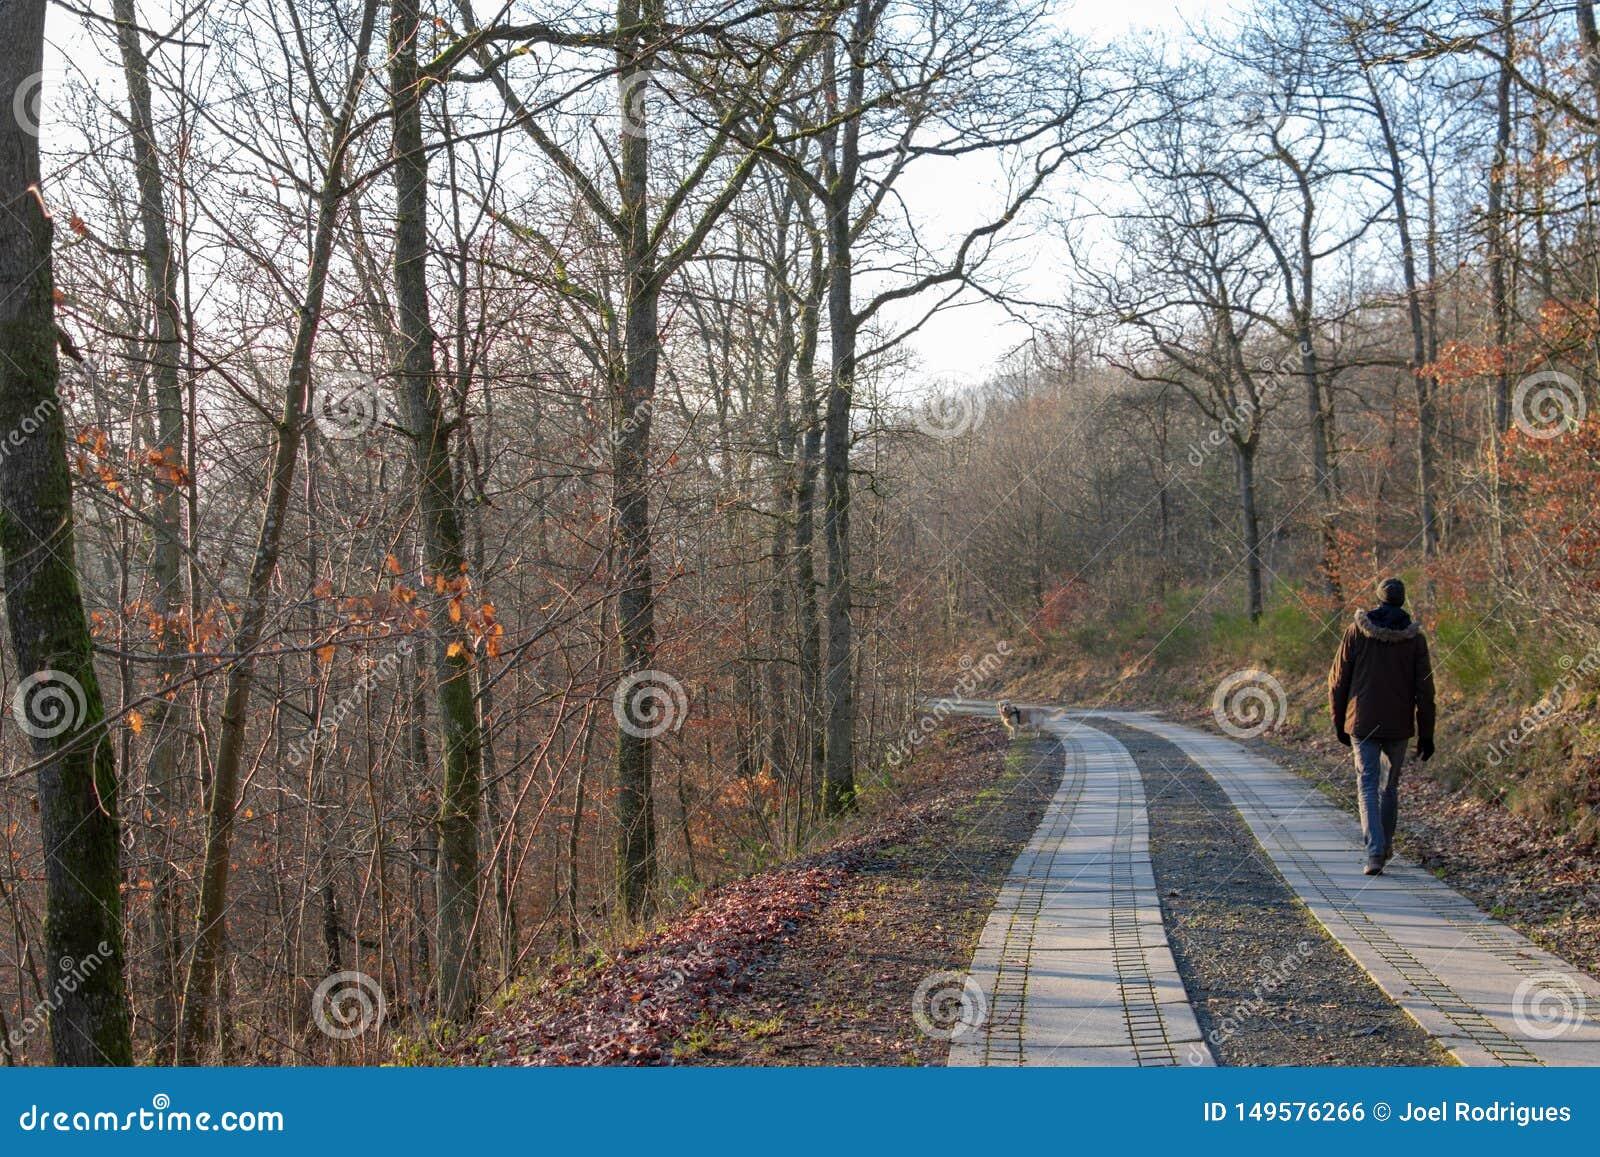 Man walking down european forest in autumn